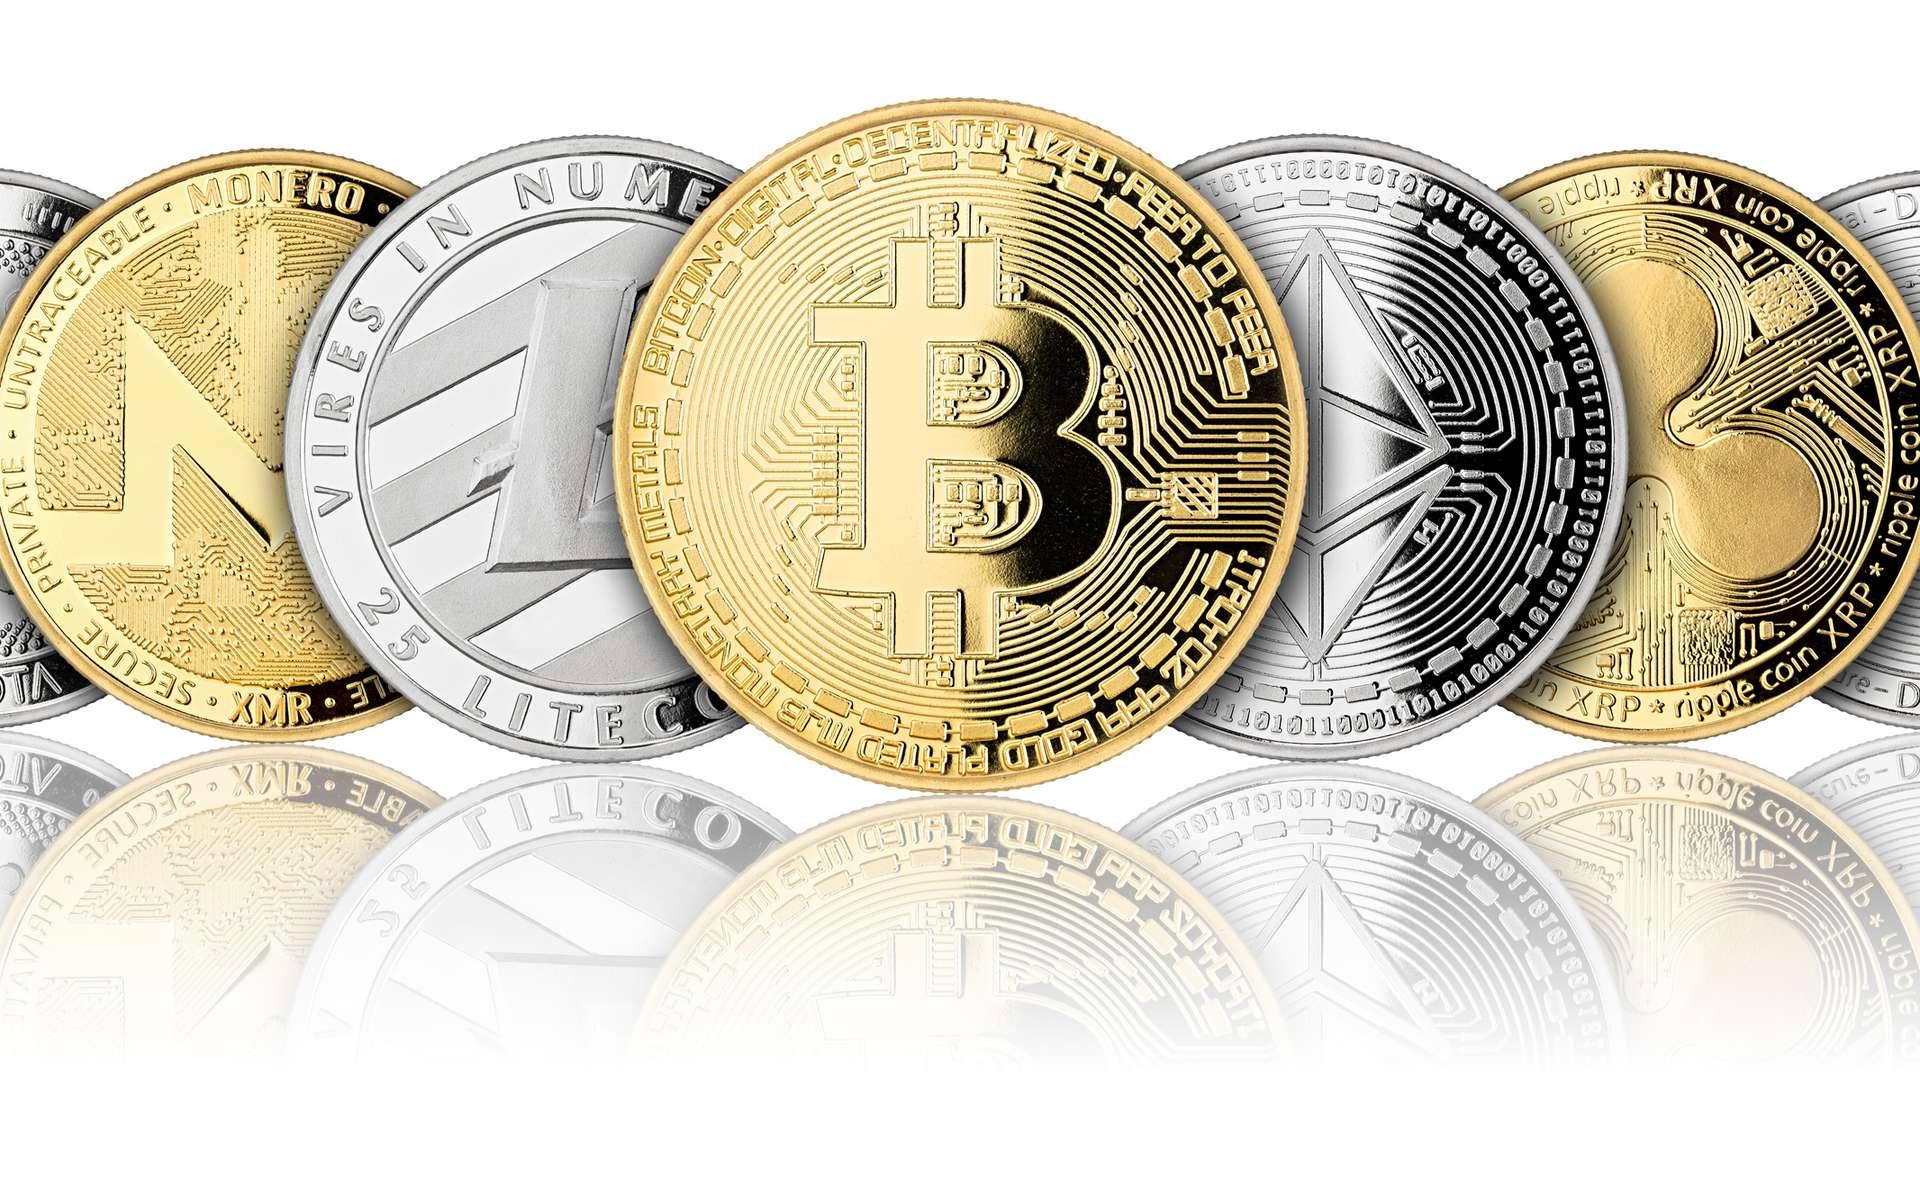 Investir dans les cryptomonnaies est une pratique qui se démocratise, mais cela reste risqué. © stockphoto-graf, Adobe Stock